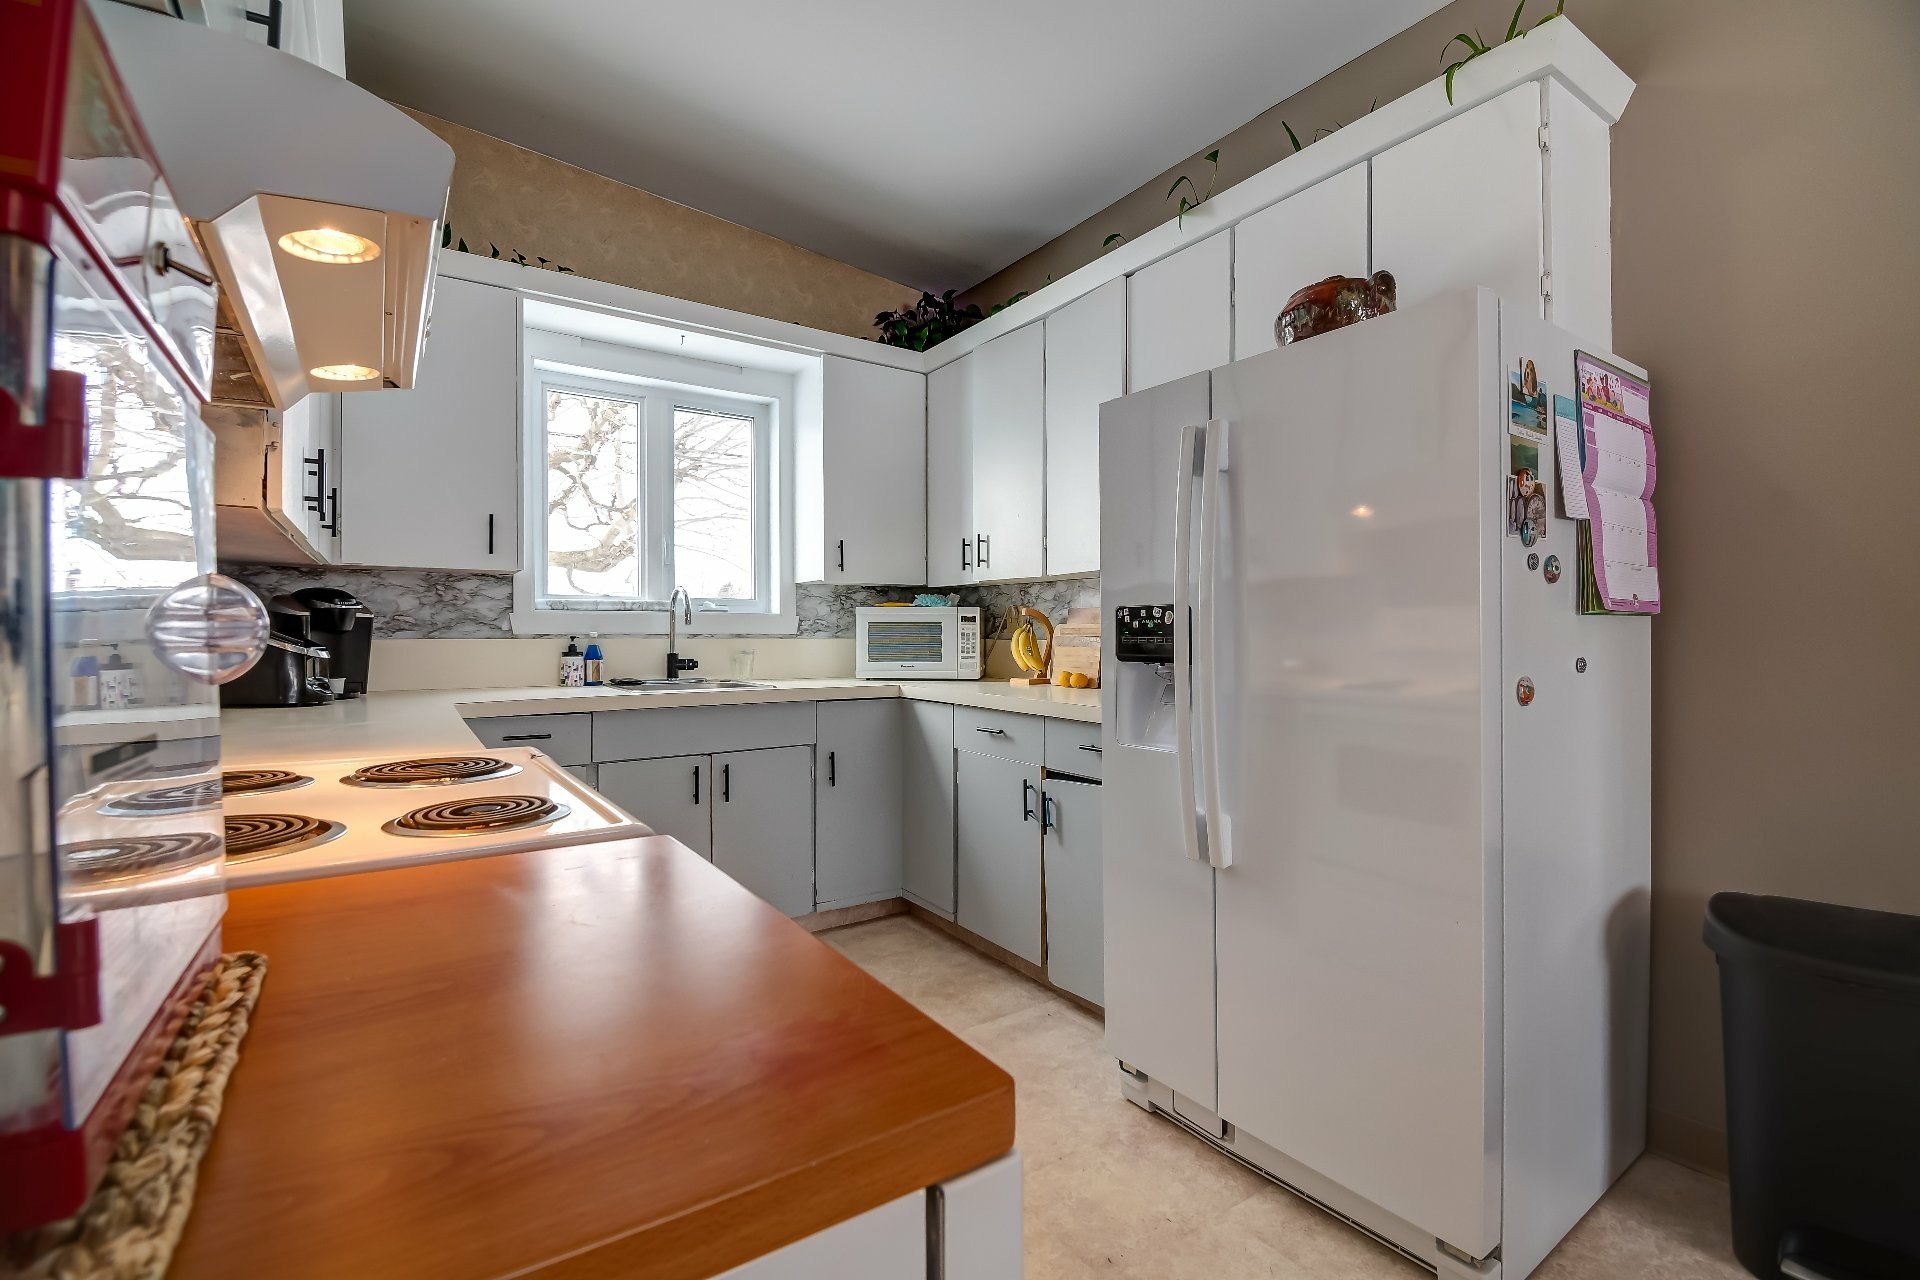 image 3 - Maison À vendre Trois-Rivières - 13 pièces